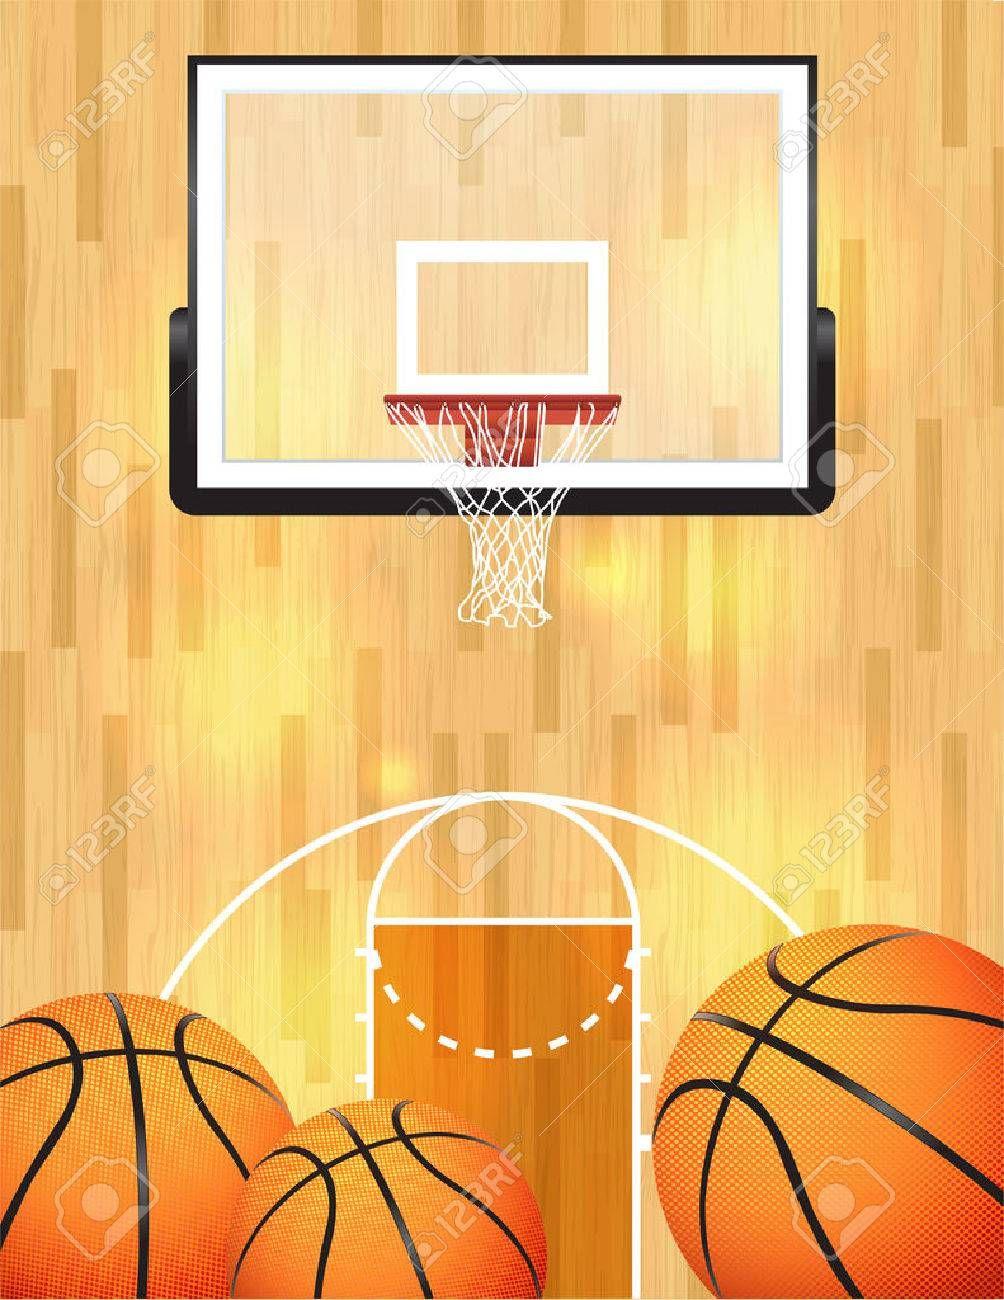 An Illustration Of A Basketball Court Balls And Hoop Sponsored Basketball Illustration Cou Basketball Background Basketball Posters Poster Template